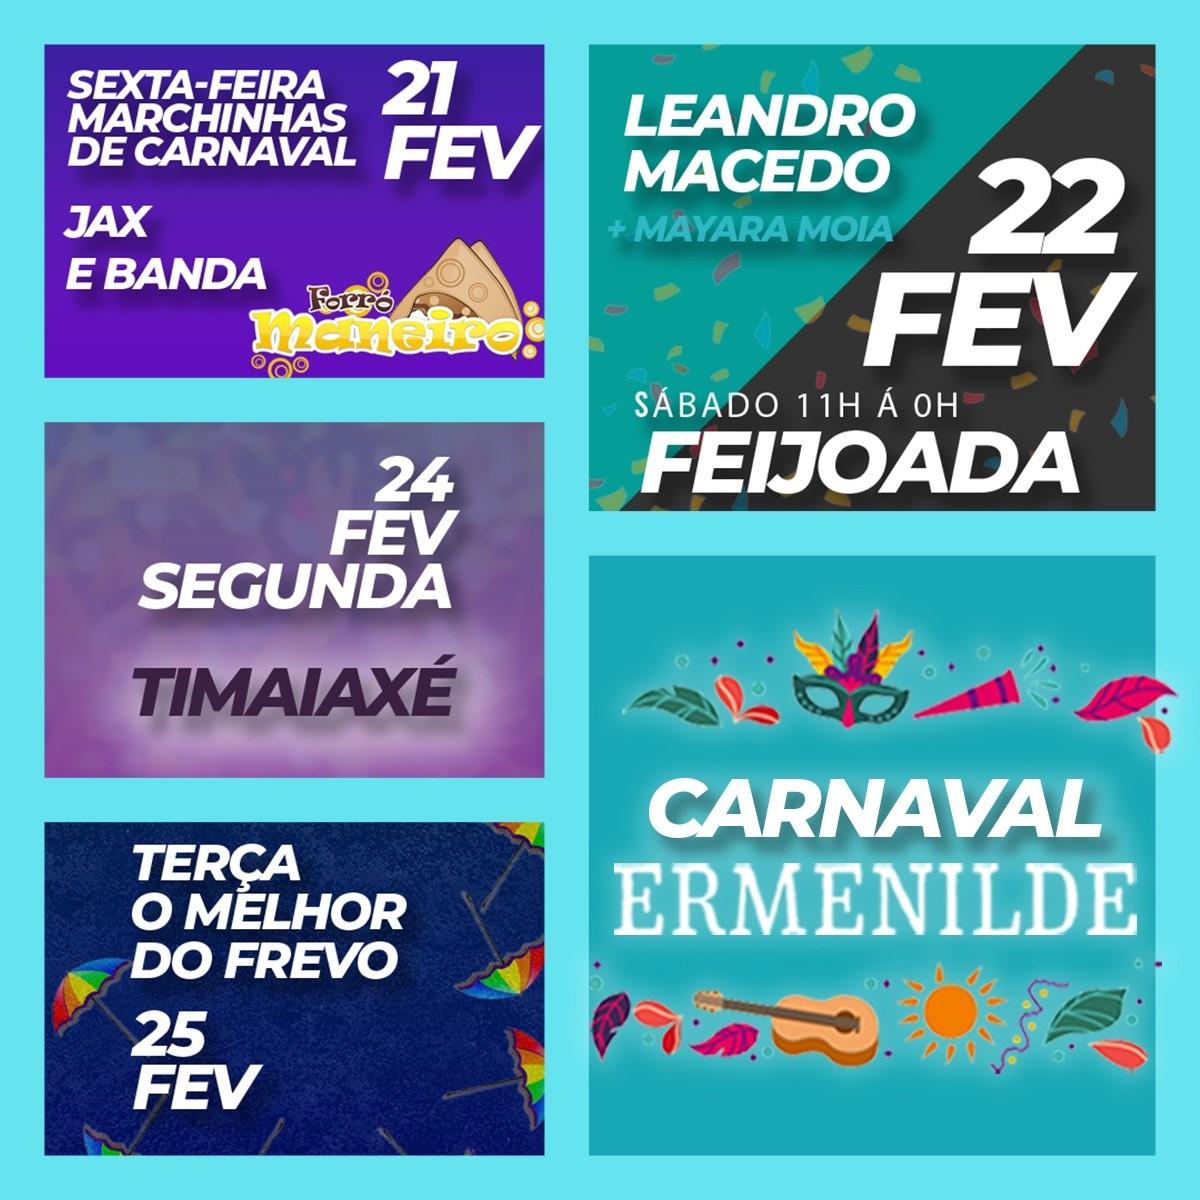 Restaurante Ermenilde entra no ritmo do Carnaval com programação musical especial para a folia